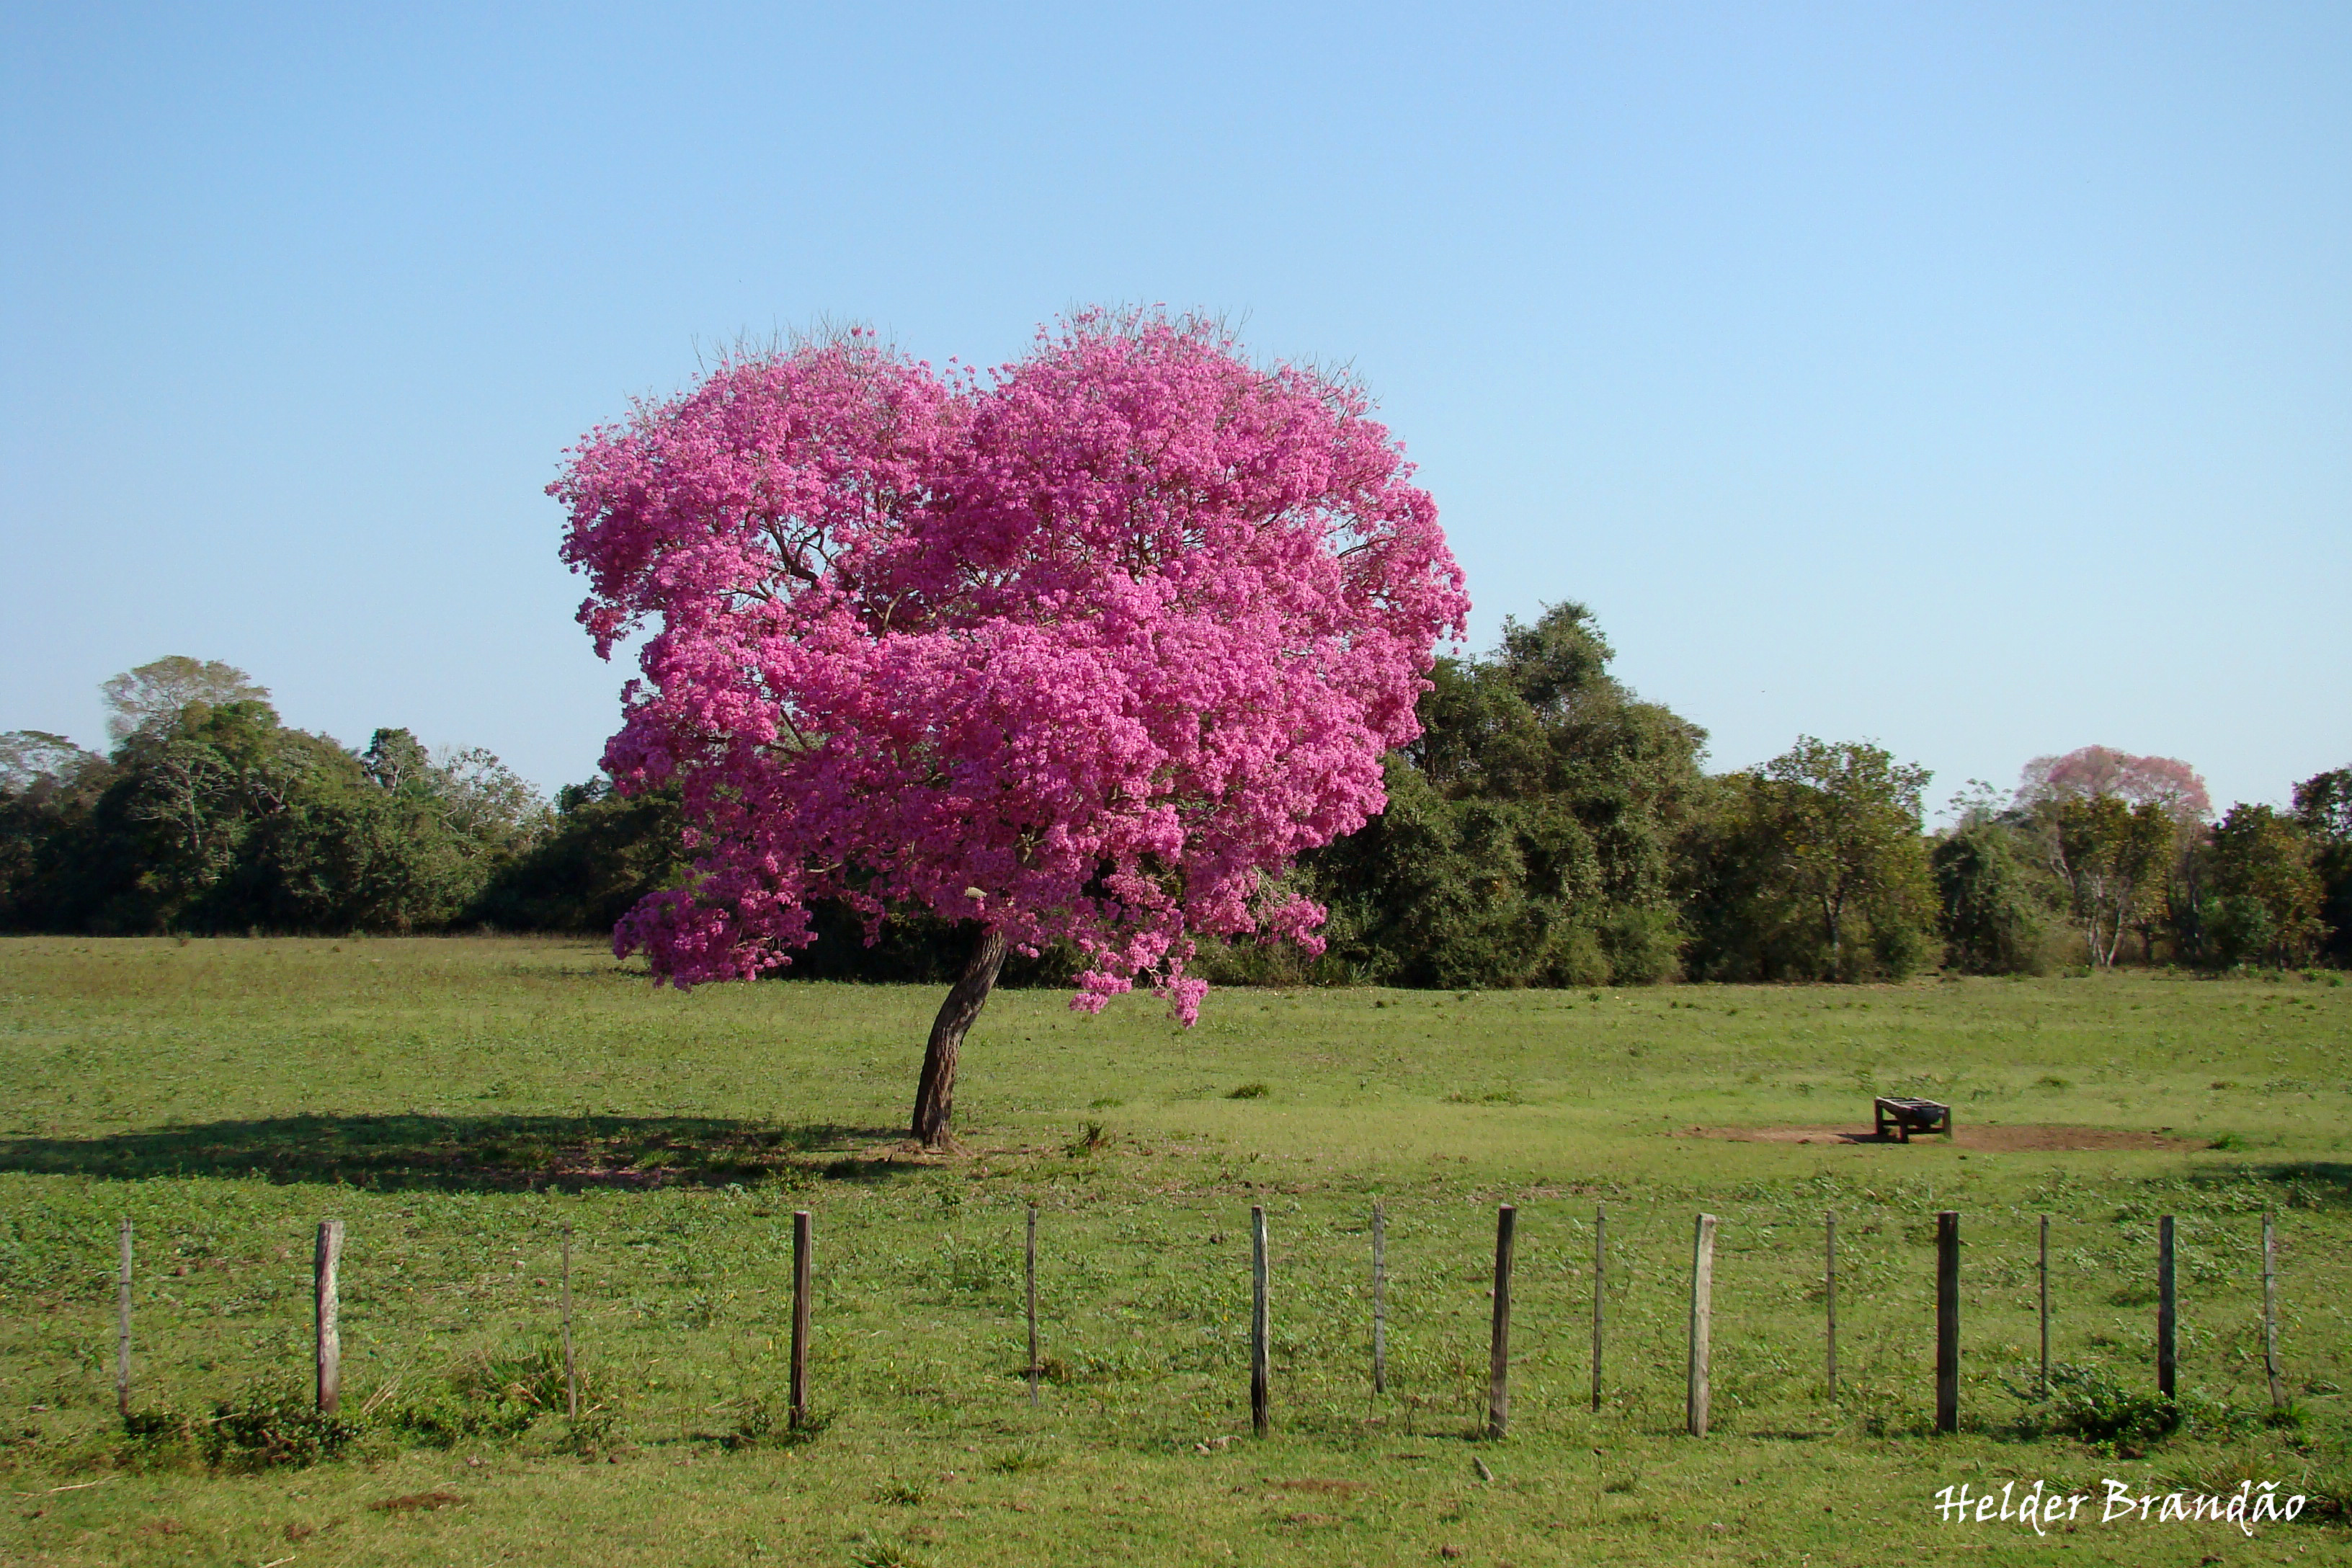 Pink ipês blooming